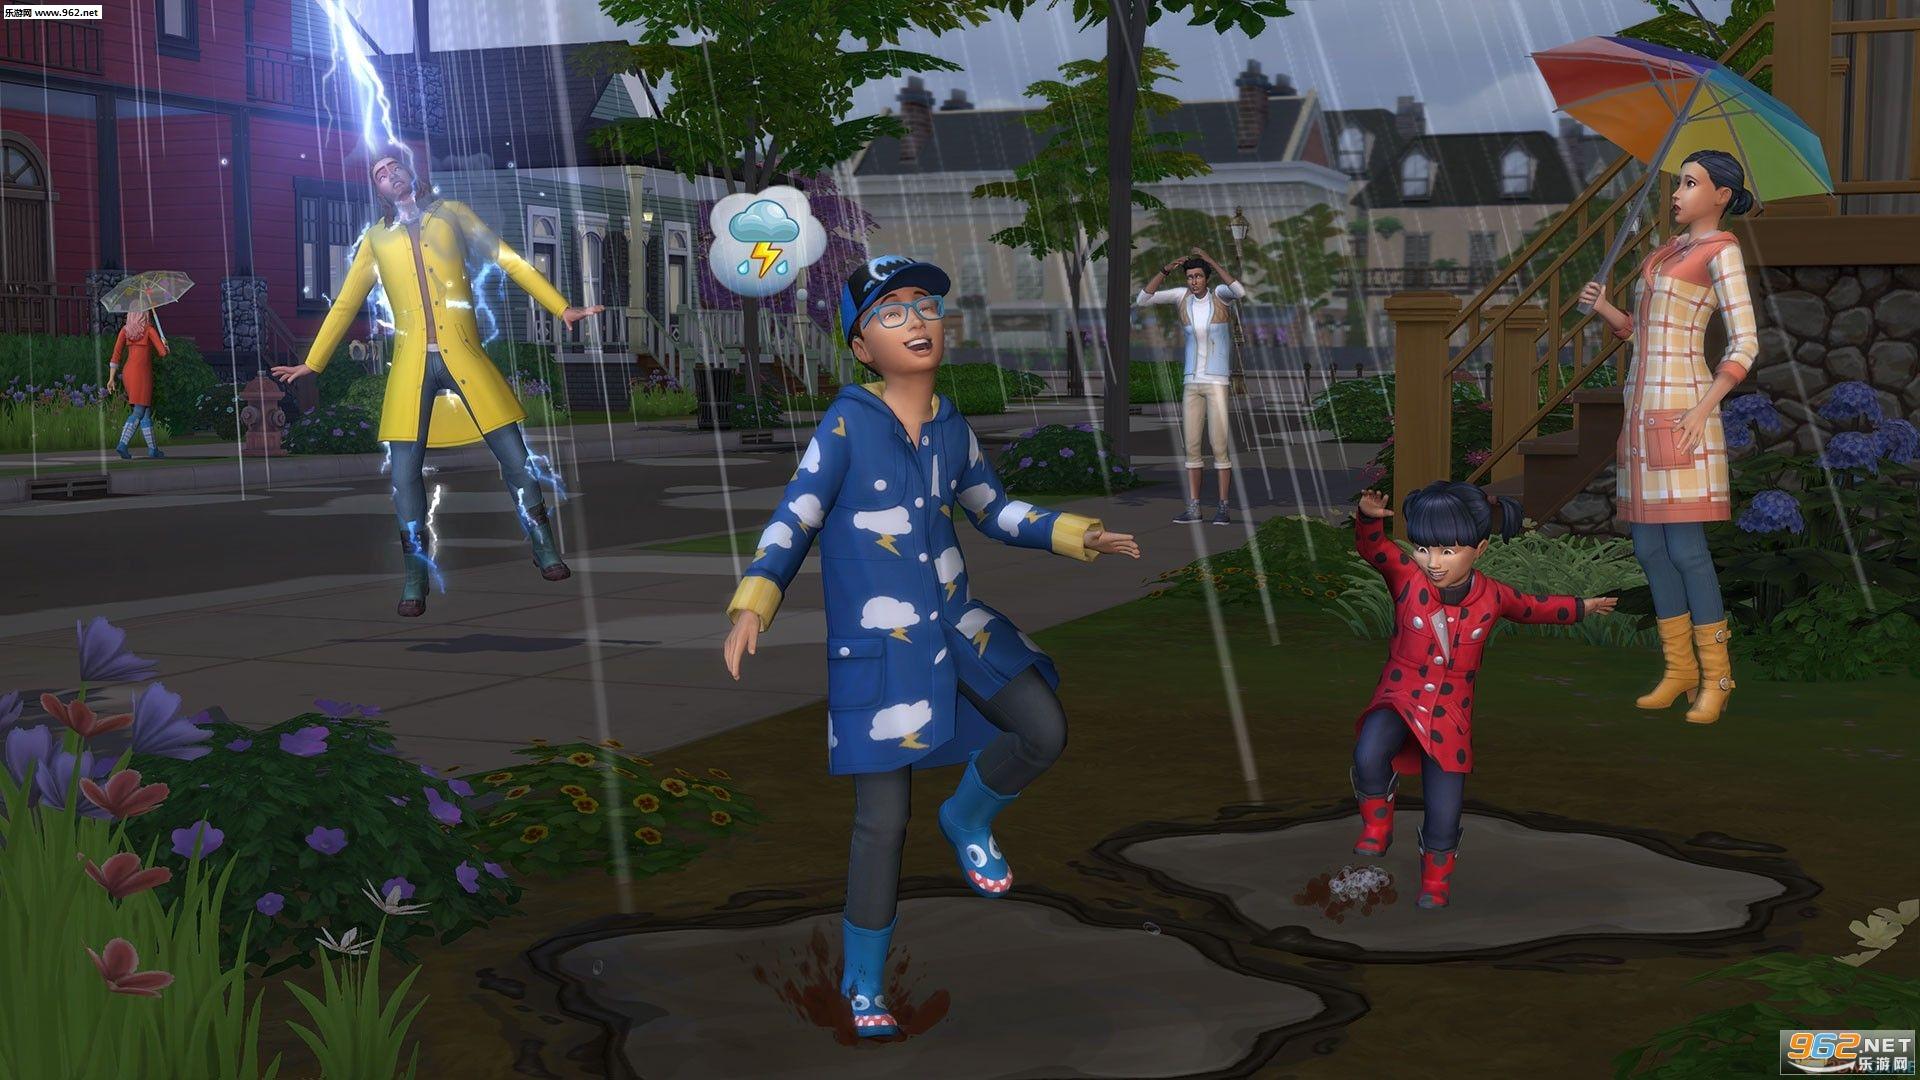 模拟人生4:春夏秋冬(The Sims 4: Seasons)DLC合集版截图5